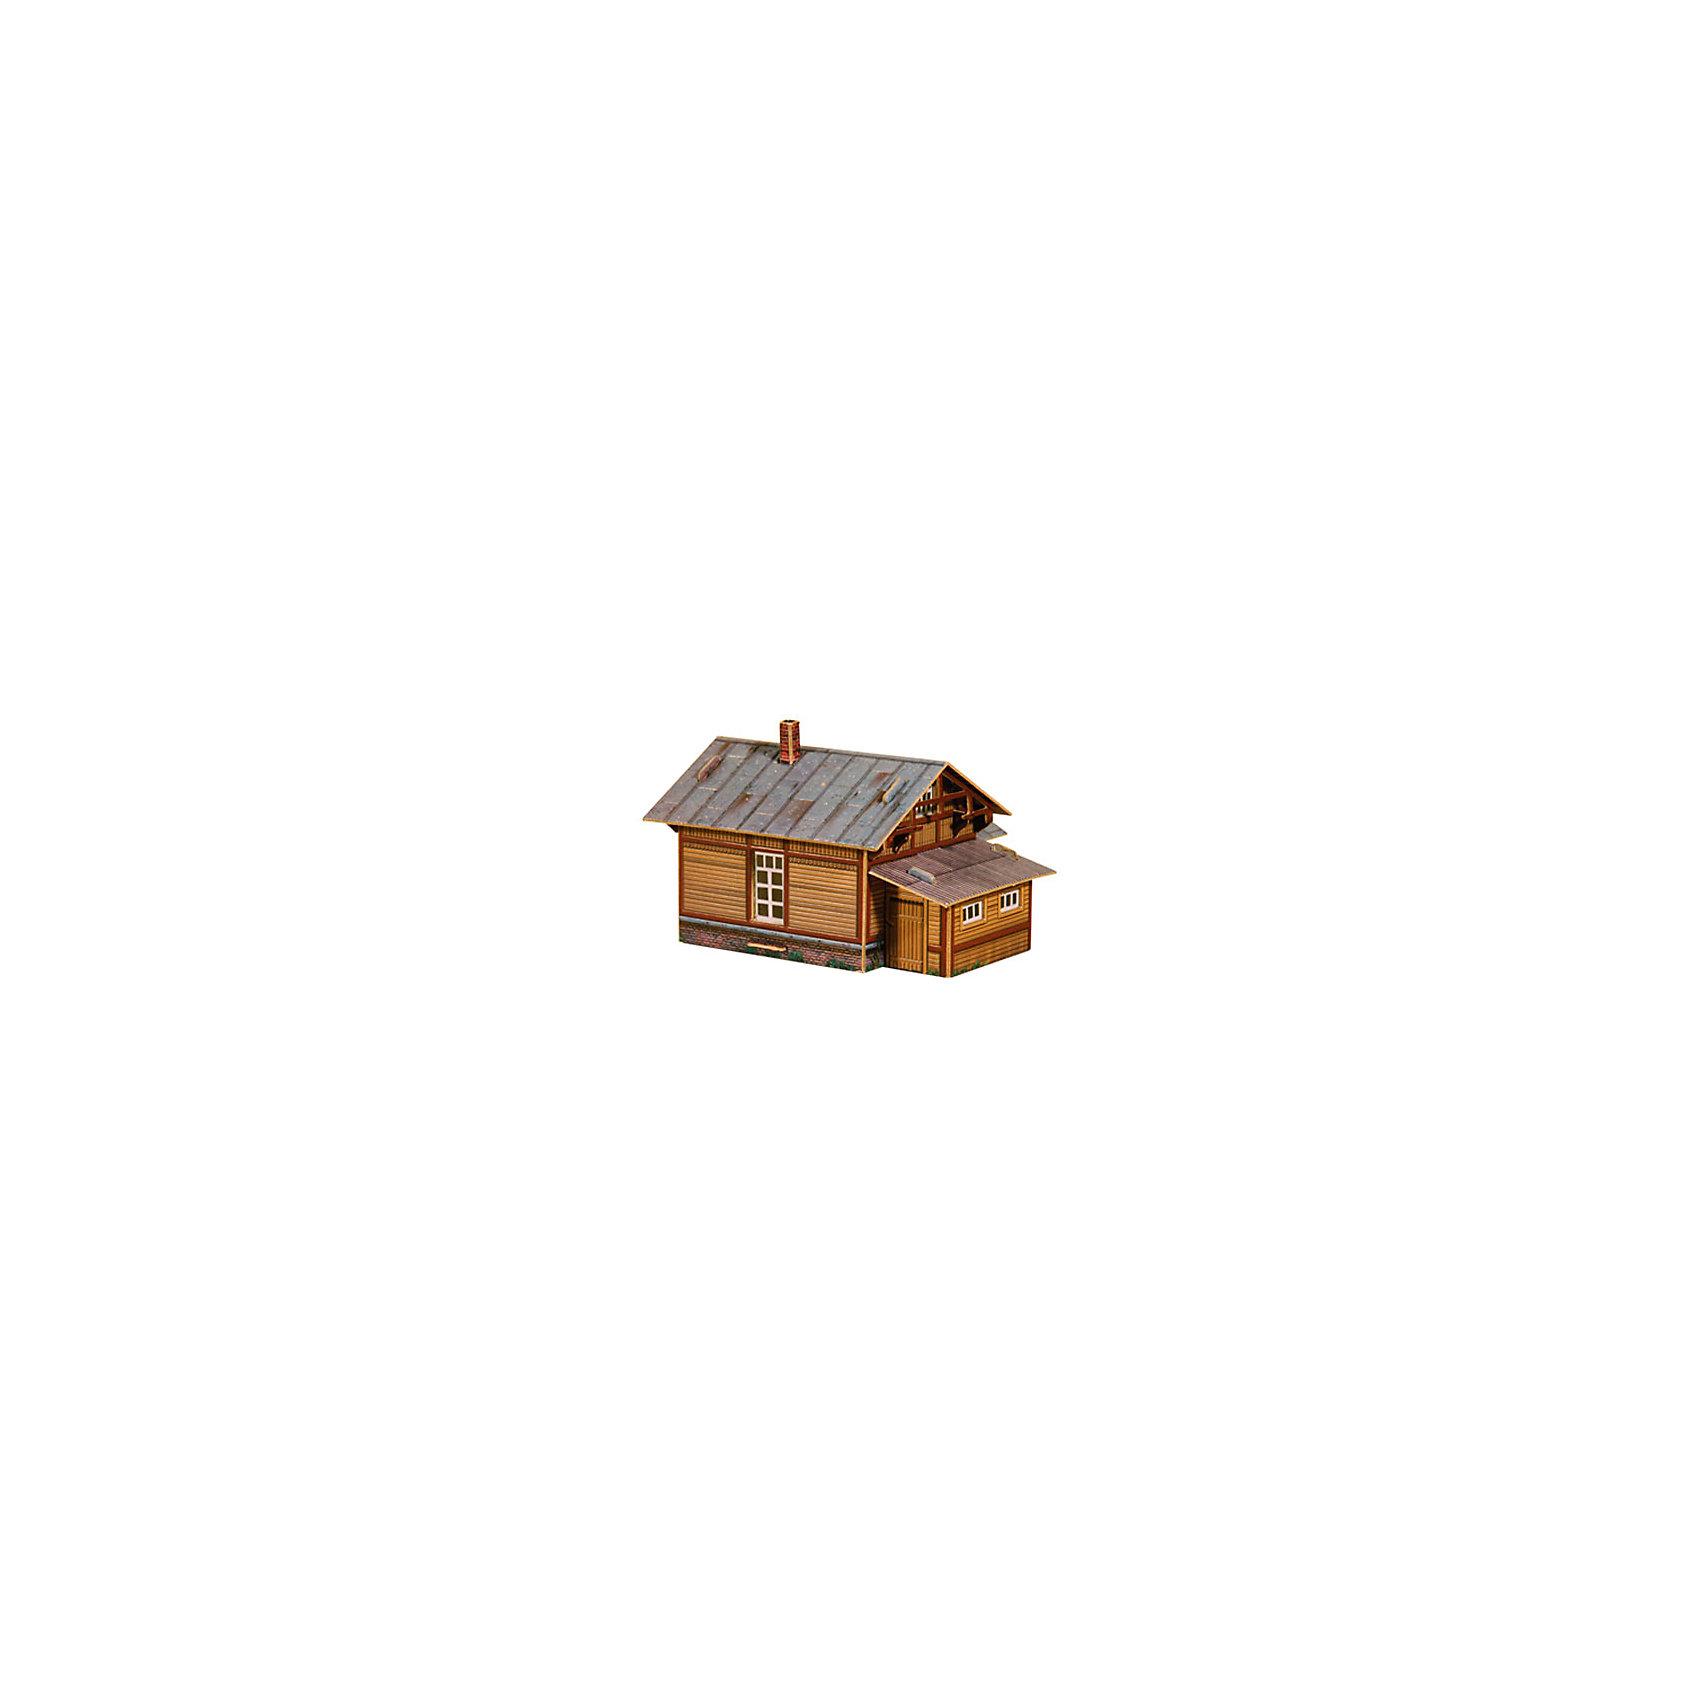 Сборная модель Путевая сторожкаМодели из картона и бумаги<br>Путевая сторожка (деревянная) - Сборная модель из картона. Серия: Масштабные модели. Количество деталей, шт: 17. Размер в собранном виде, см: 11 х 7 х 7,5. Размер упаковки, мм.:  высота 242 ширина 173 глубина 2. Тип упаковки: Пакет ПП с подвесом. Вес, гр.: 45. Возраст: от 9 лет. Все модели и игрушки, созданные по технологии УМНАЯ БУМАГА собираются без ножниц и клея, что является их неповторимой особенностью.<br>Принцип соединения деталей запатентован. Соединения деталей продуманы и просчитаны с такой точностью, что при правильной сборке с моделью можно играть, как с обычной игрушкой.<br><br>Ширина мм: 173<br>Глубина мм: 2<br>Высота мм: 242<br>Вес г: 45<br>Возраст от месяцев: 108<br>Возраст до месяцев: 2147483647<br>Пол: Унисекс<br>Возраст: Детский<br>SKU: 4807445